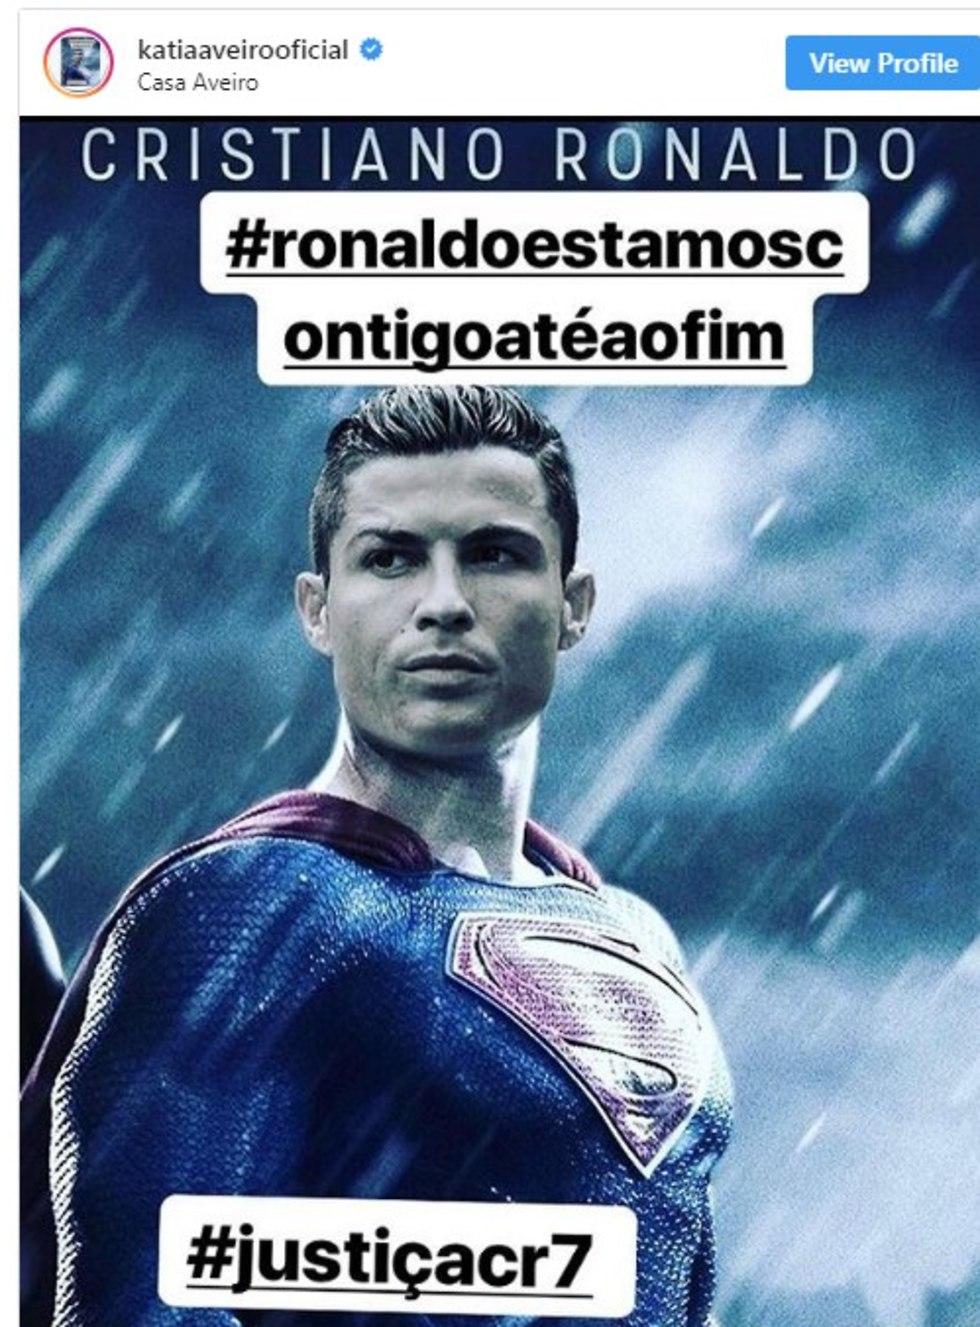 כריסטיאנו רונאלדו רשת חברתית קמפיין (צילום מסך)